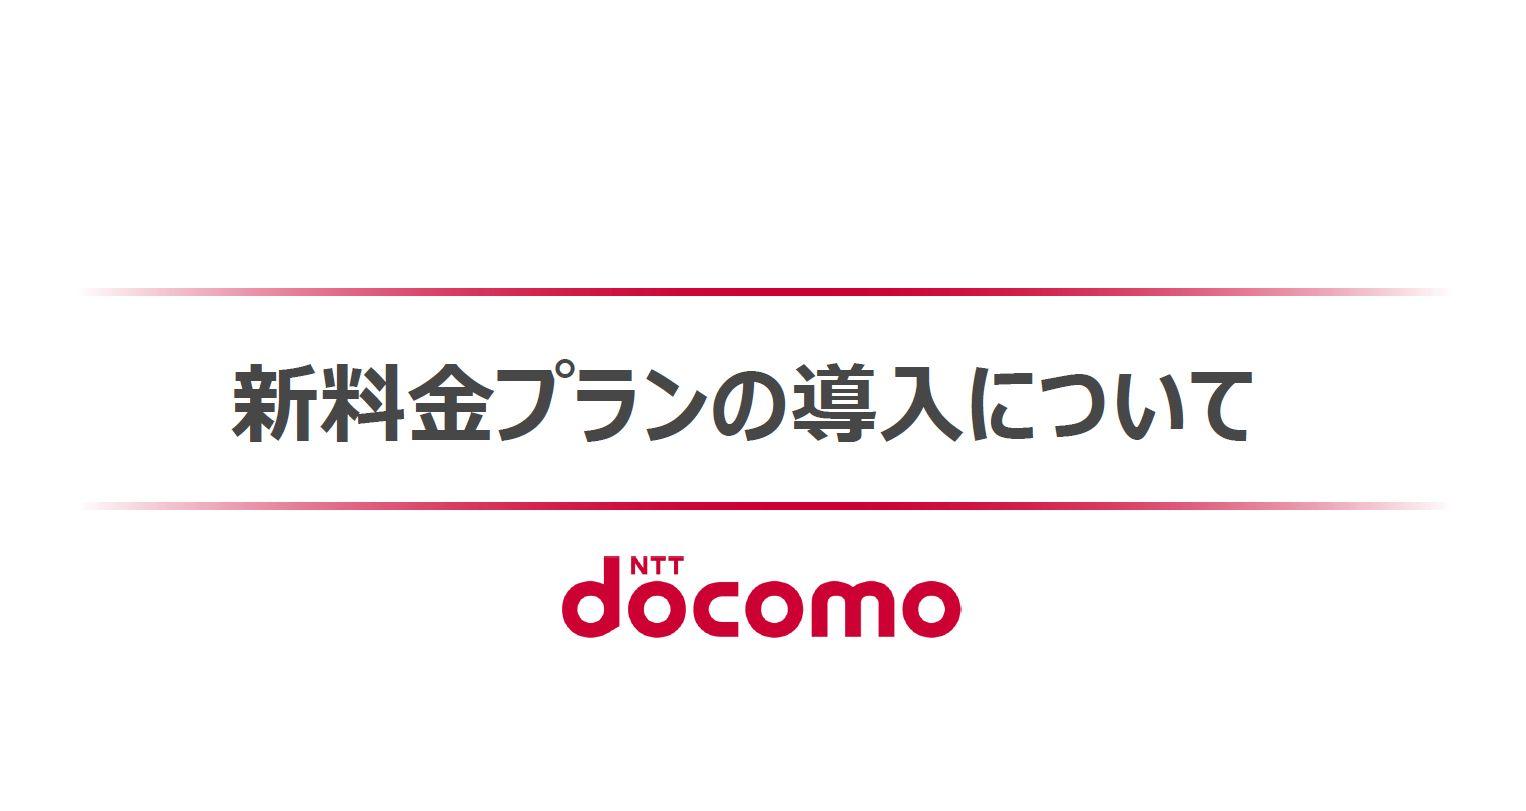 ドコモ新料金プラン「プレミア」